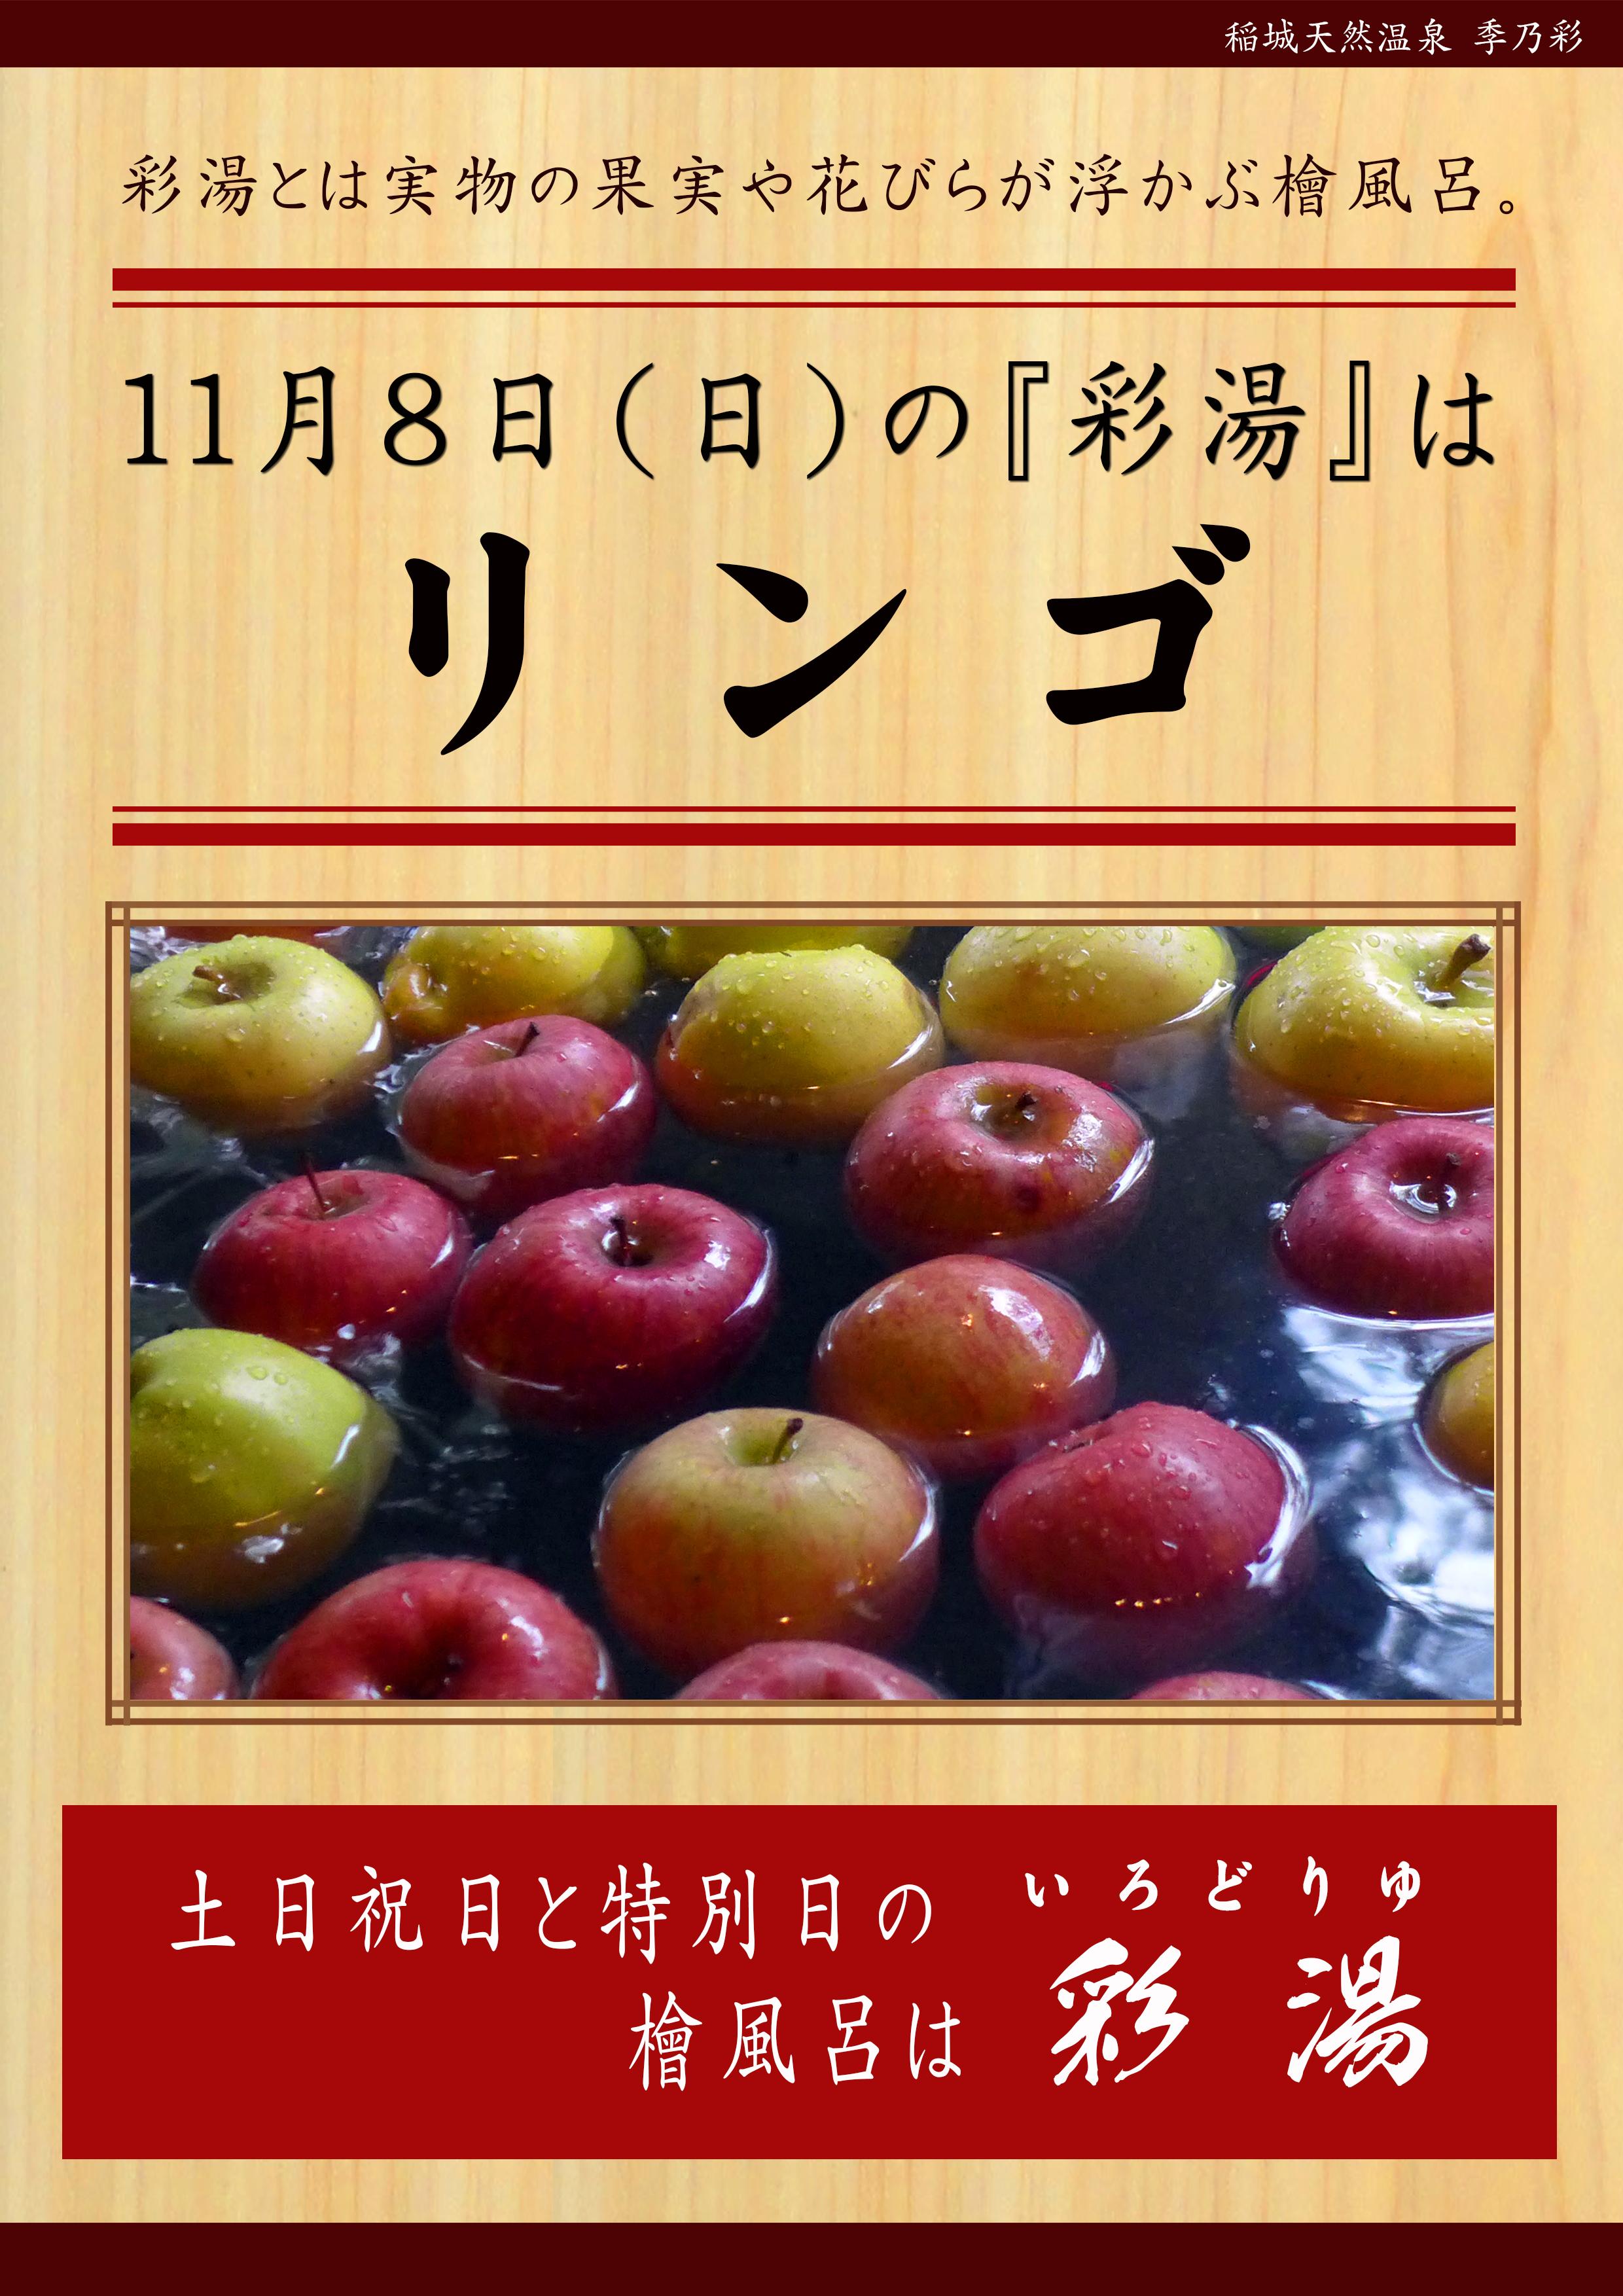 20201108 POP イベント 彩湯 リンゴ